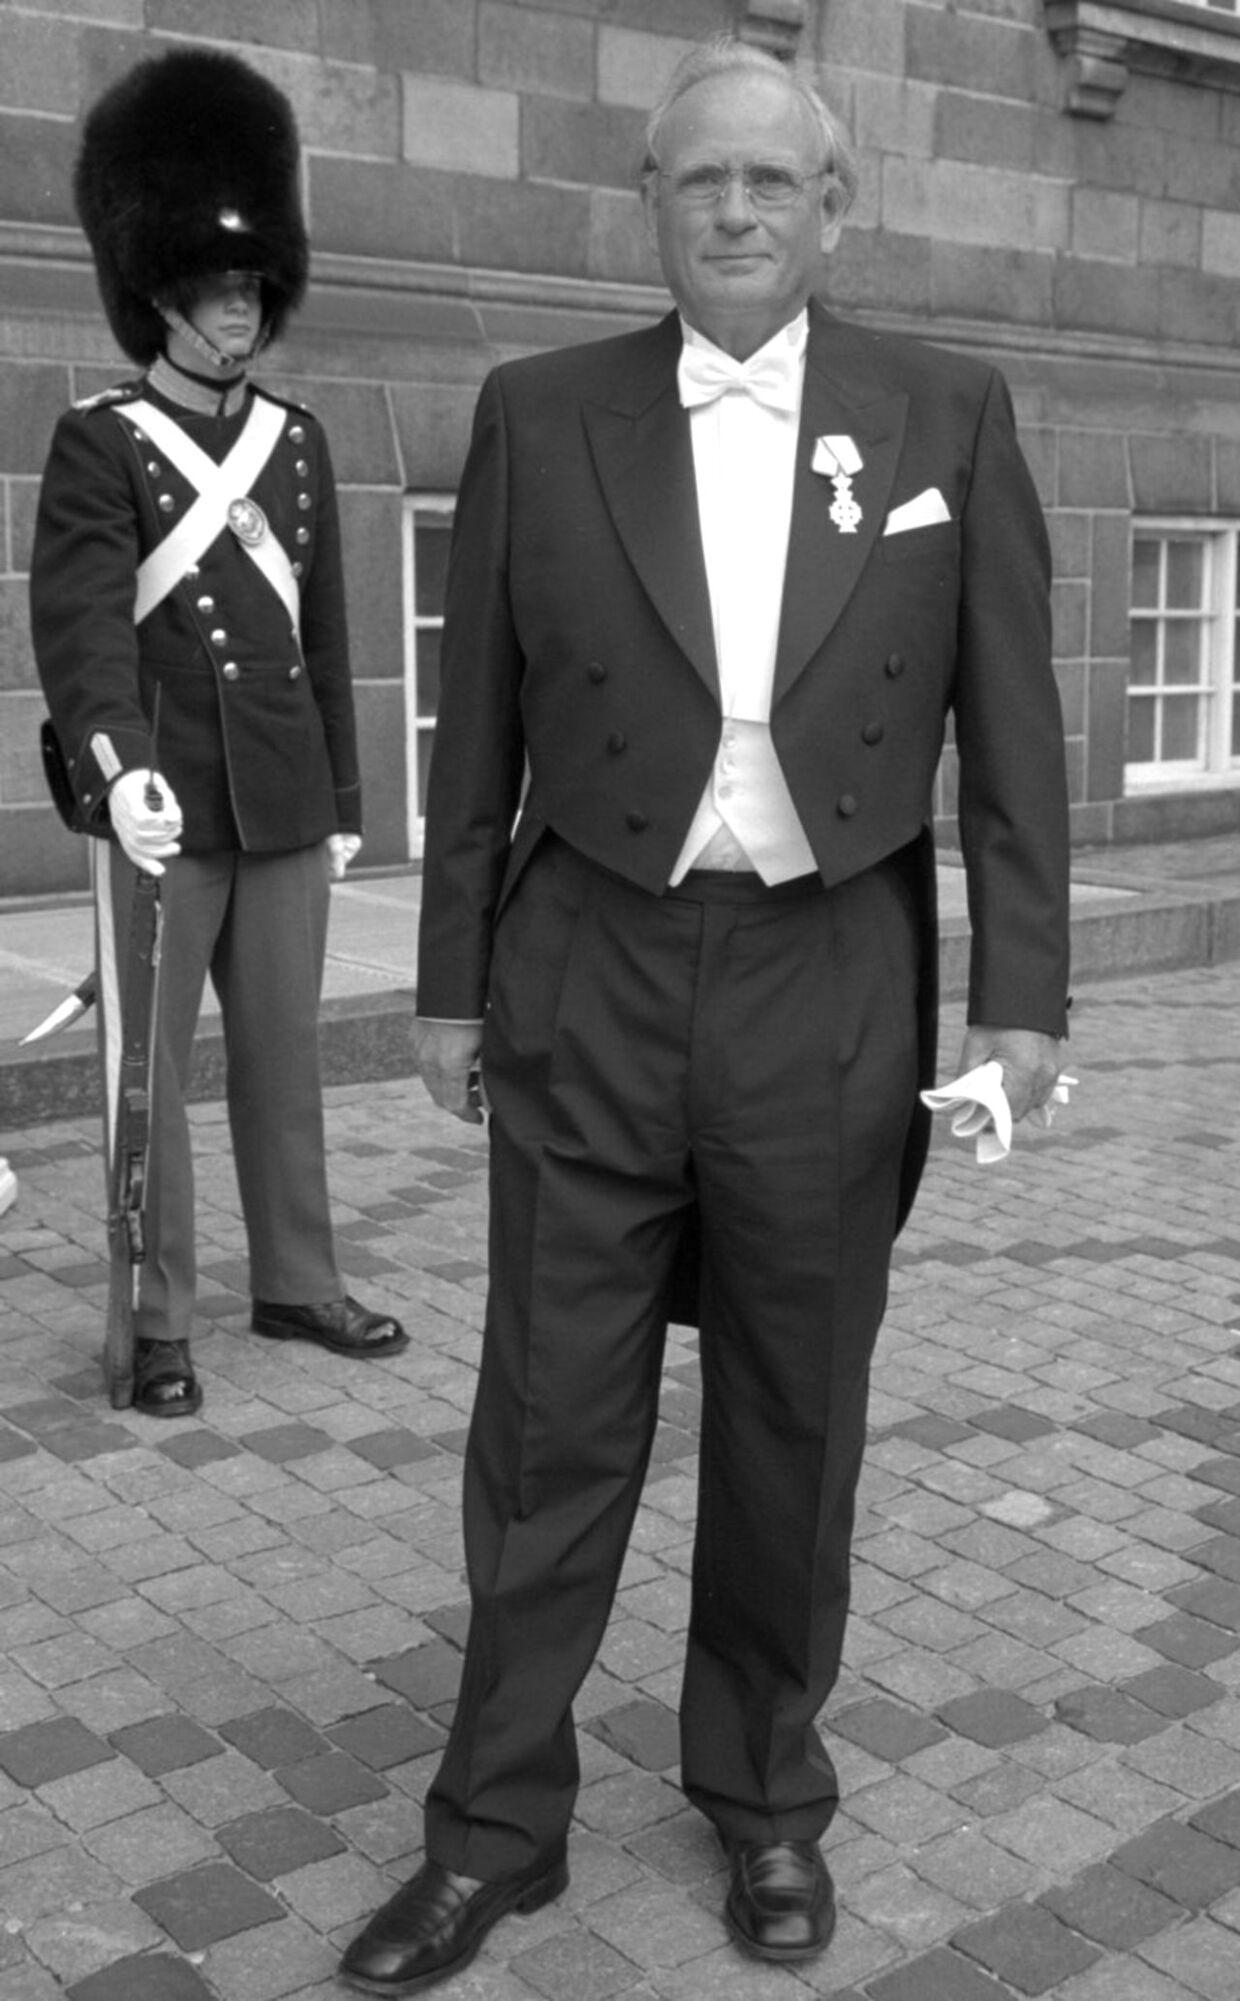 Ecco-sko-direktør Karl Toosbuy ses her, da han var til audiens hos dronningen.